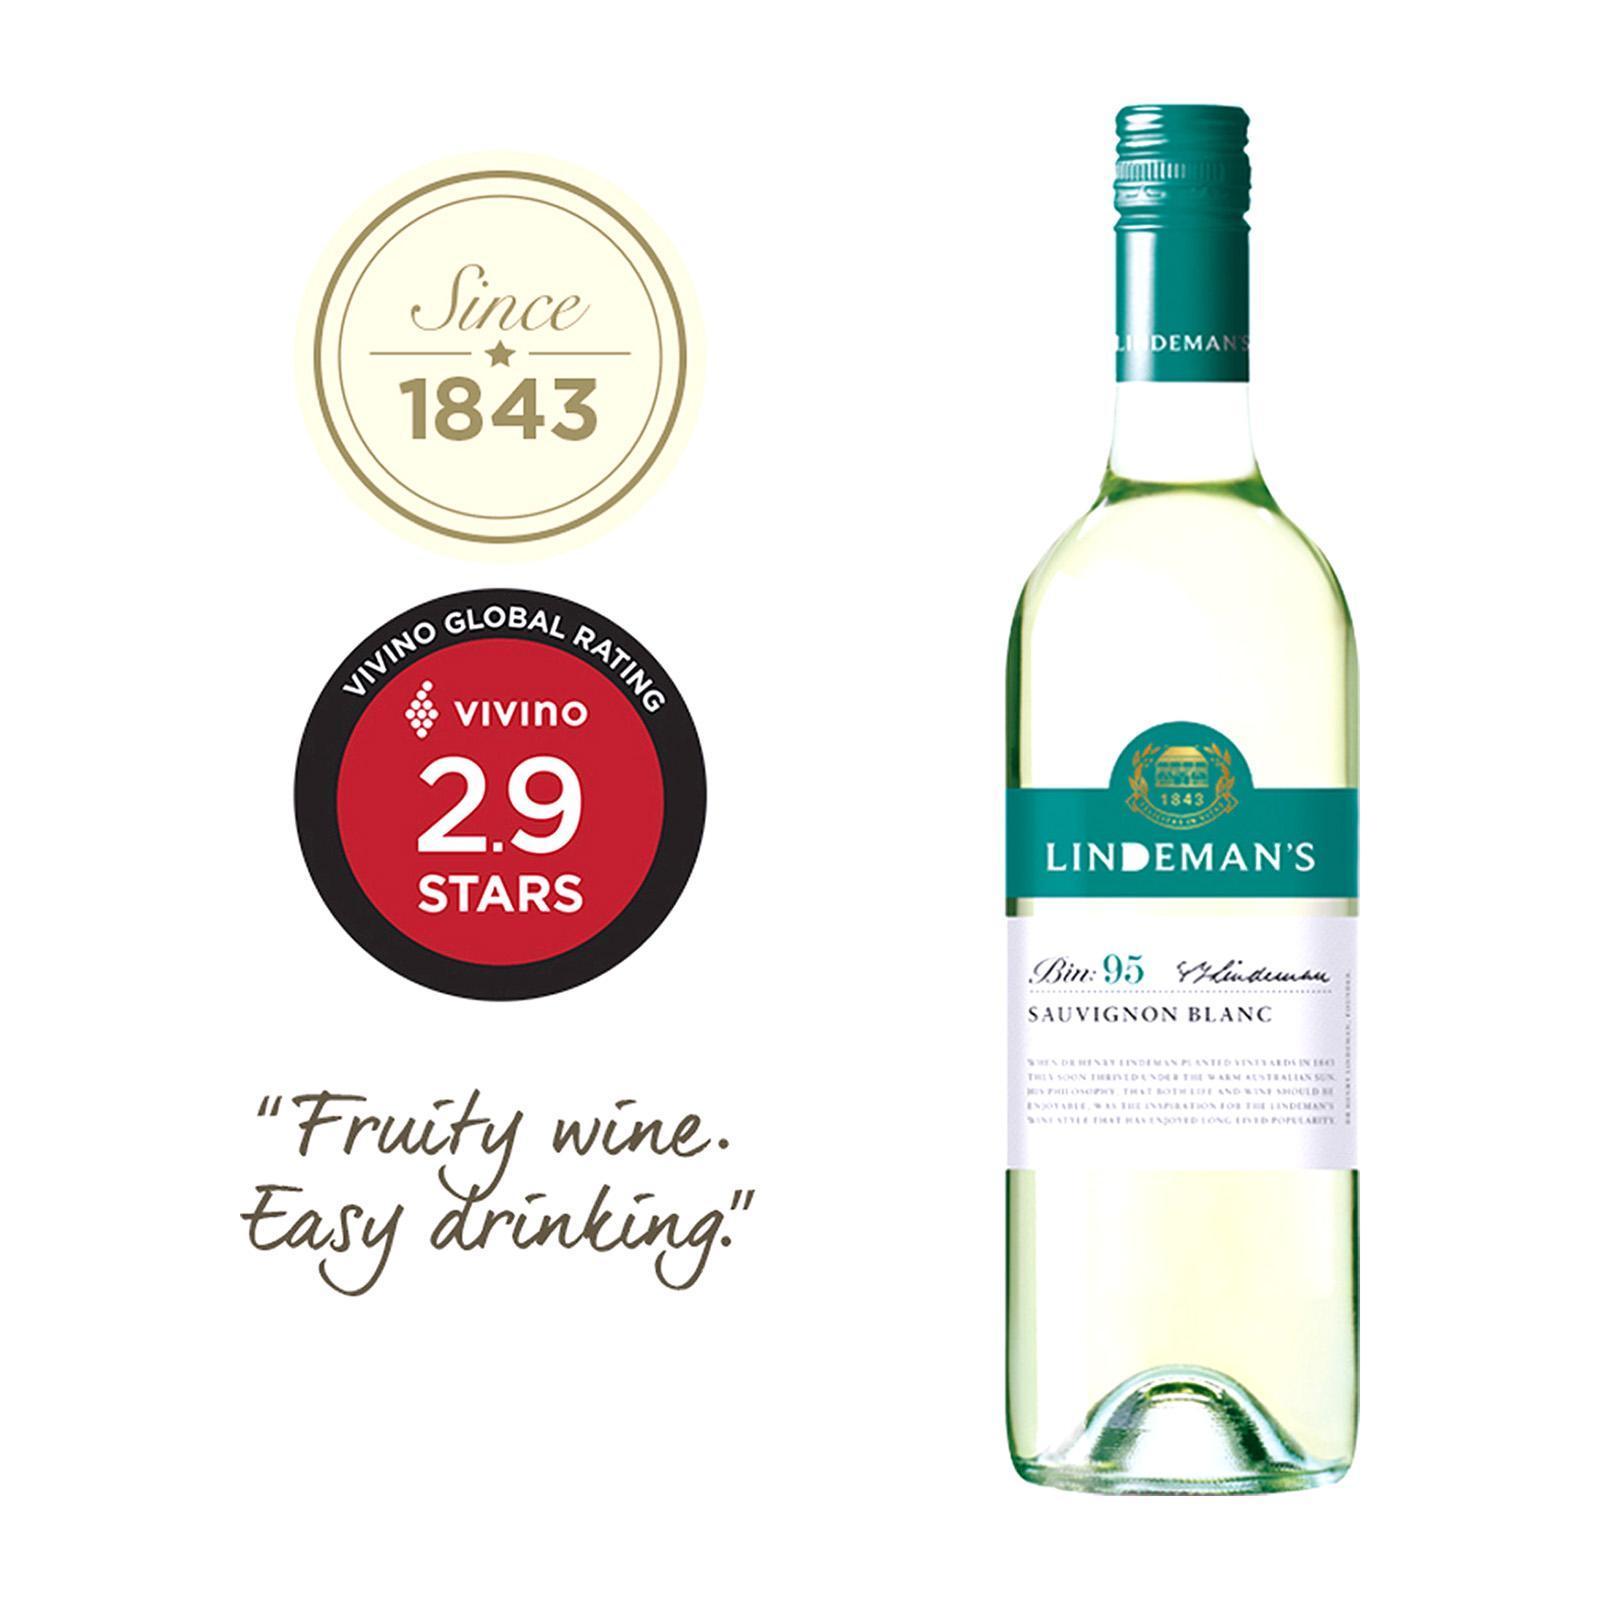 Lindeman's Bin 95 Sauvignon Blanc Passionfruit Flavour